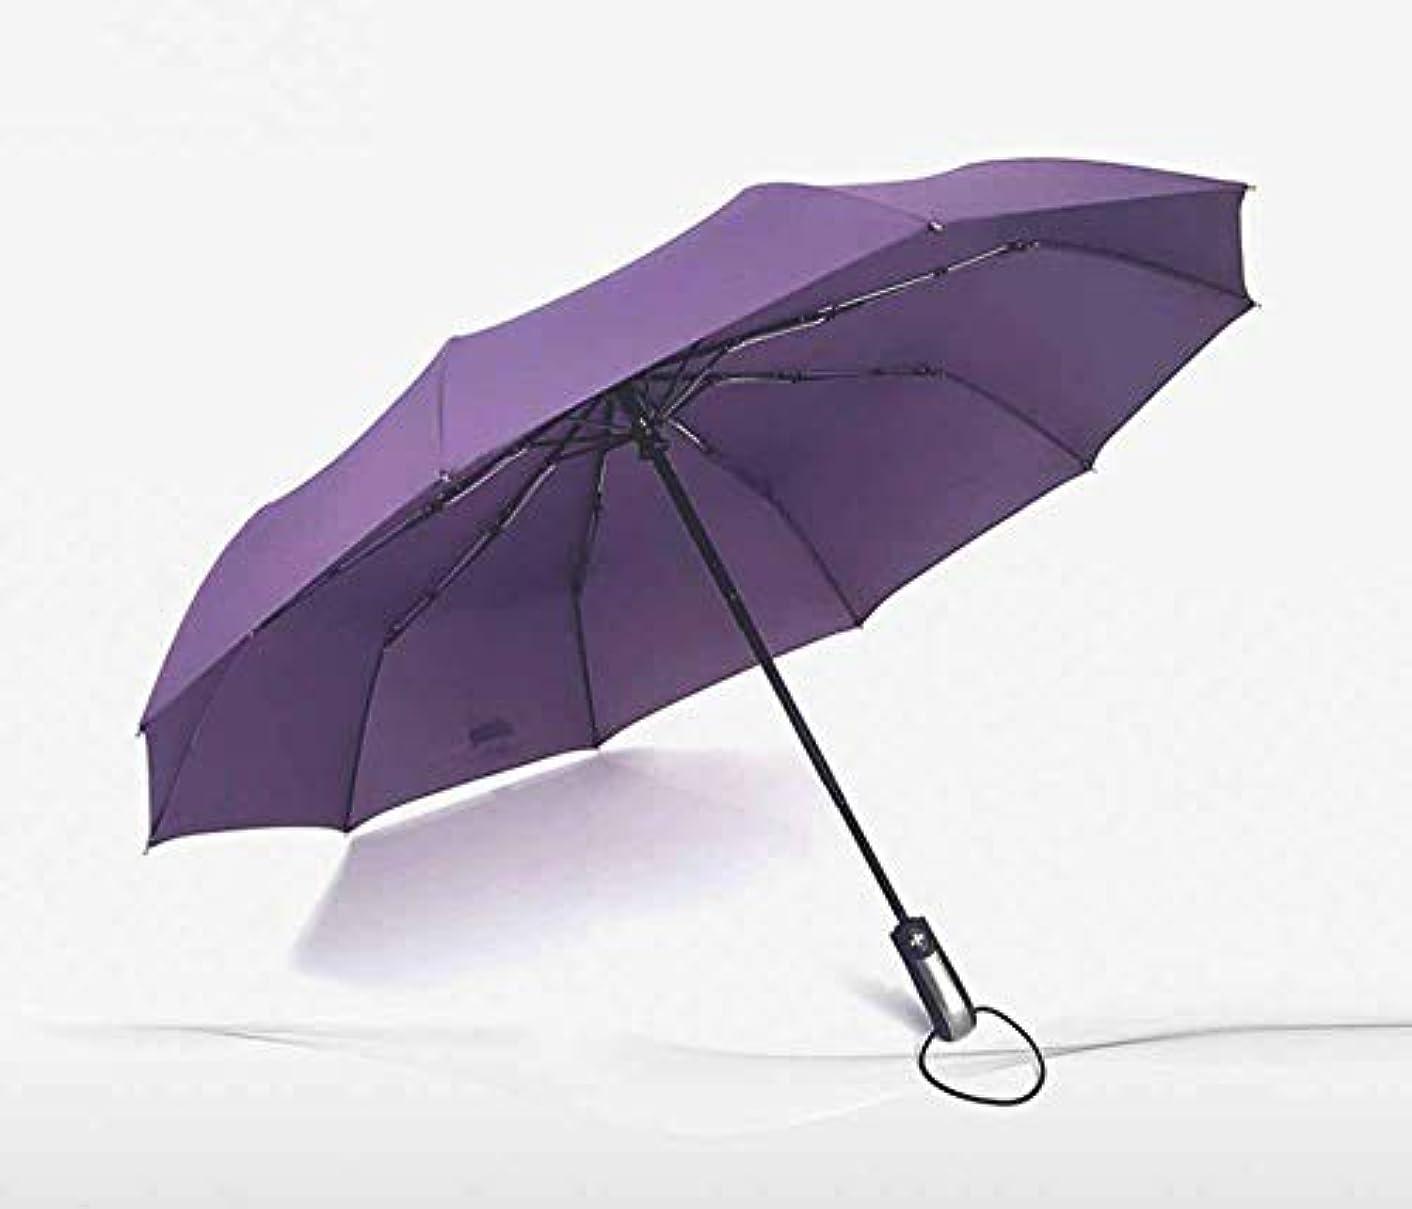 処方する数字日記Chuangshengnet 傘10骨防風強化二重晴れ雨全自動折りたたみ傘 (Color : 紫の)